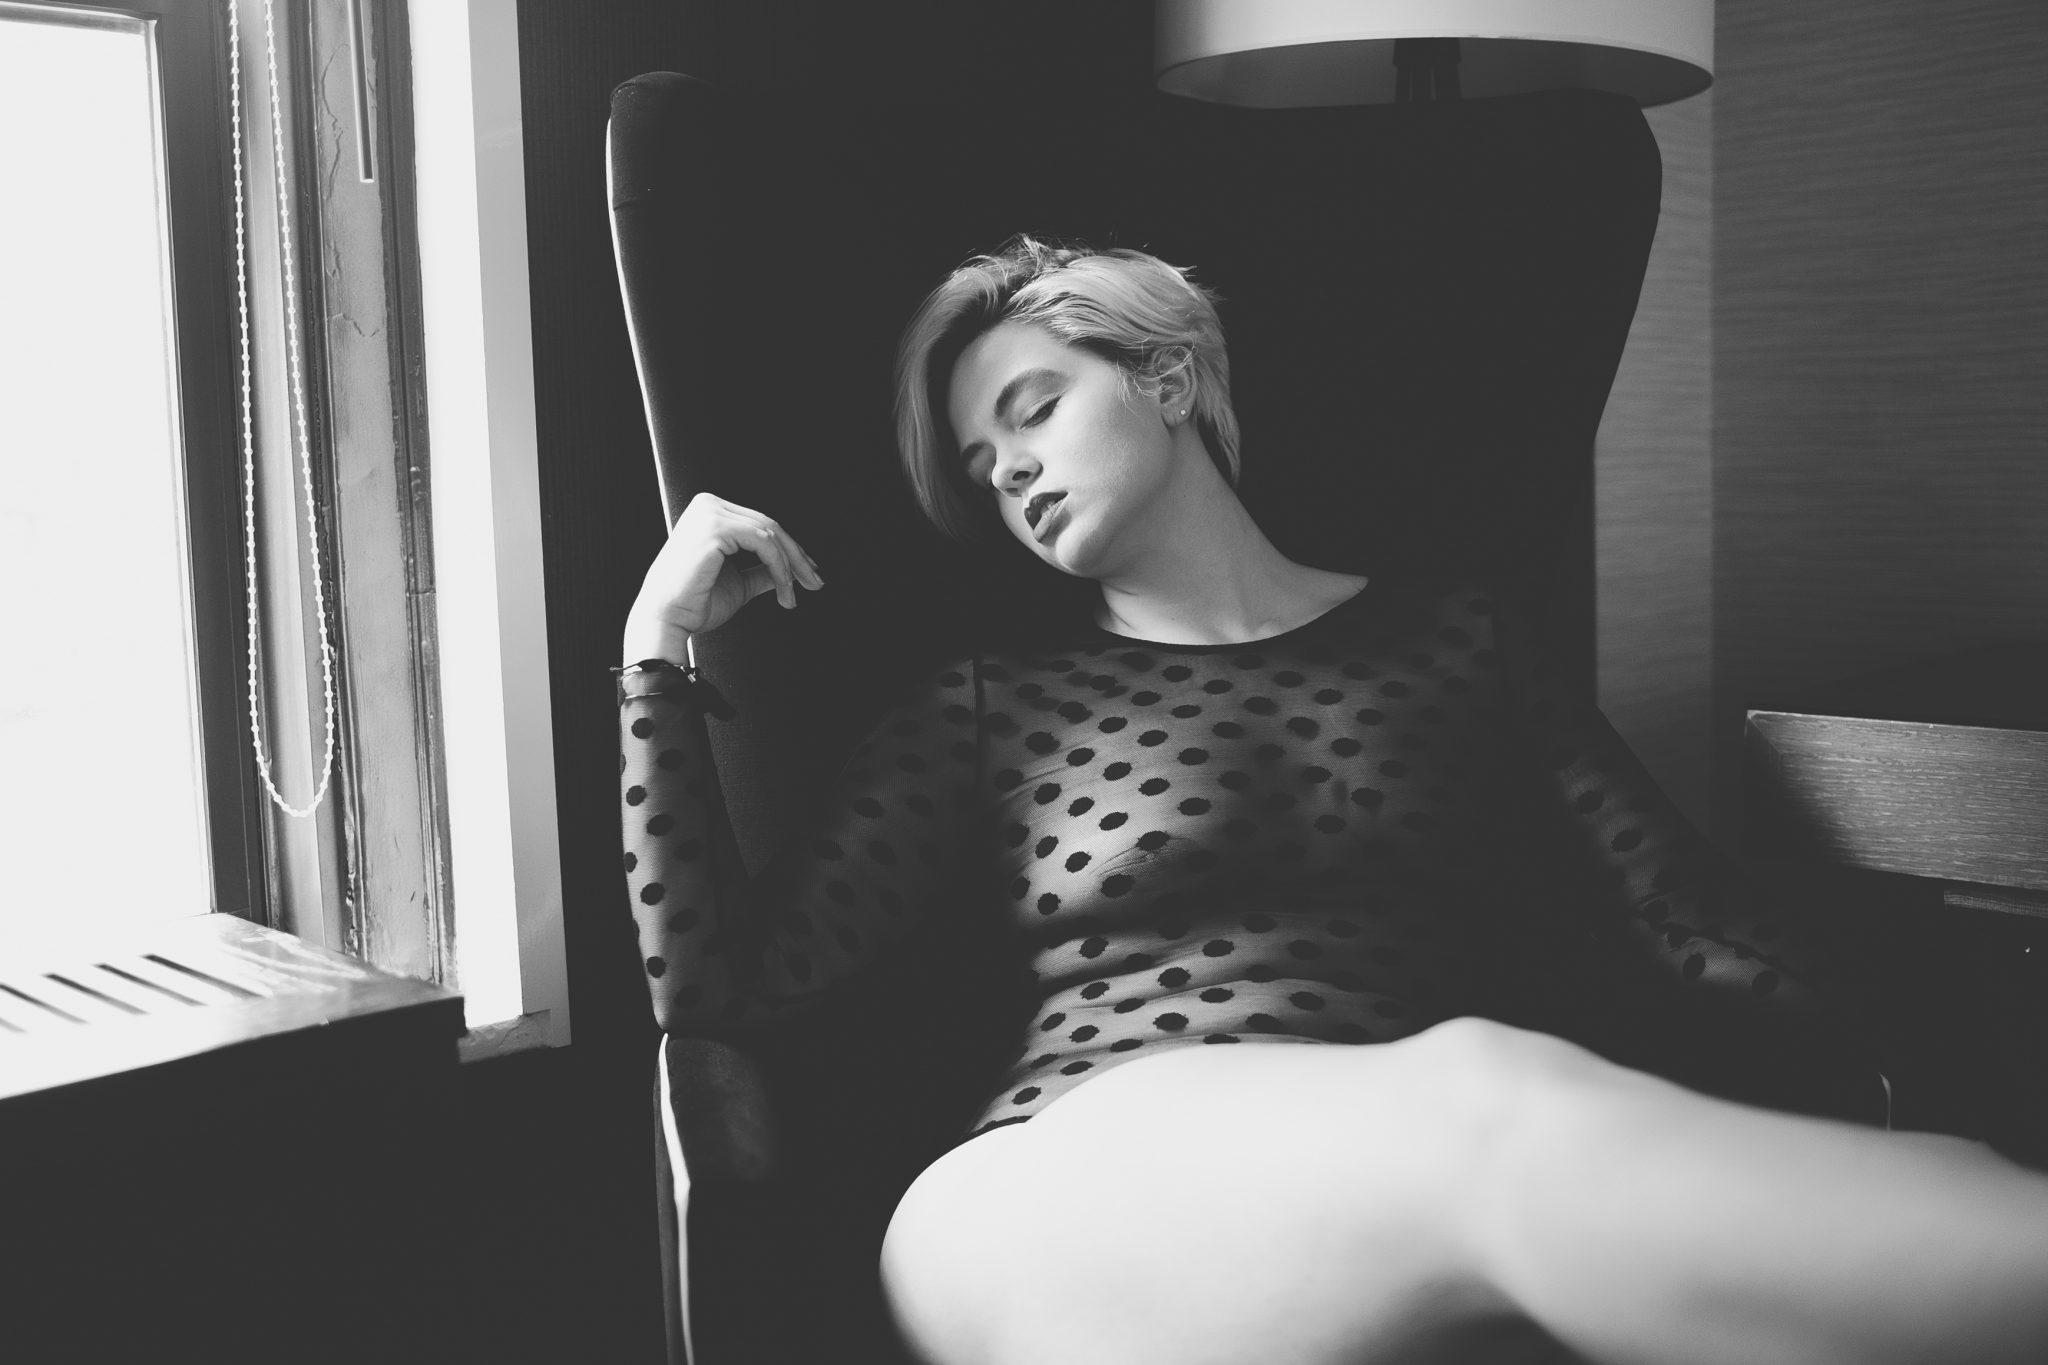 Posing for sexy photos